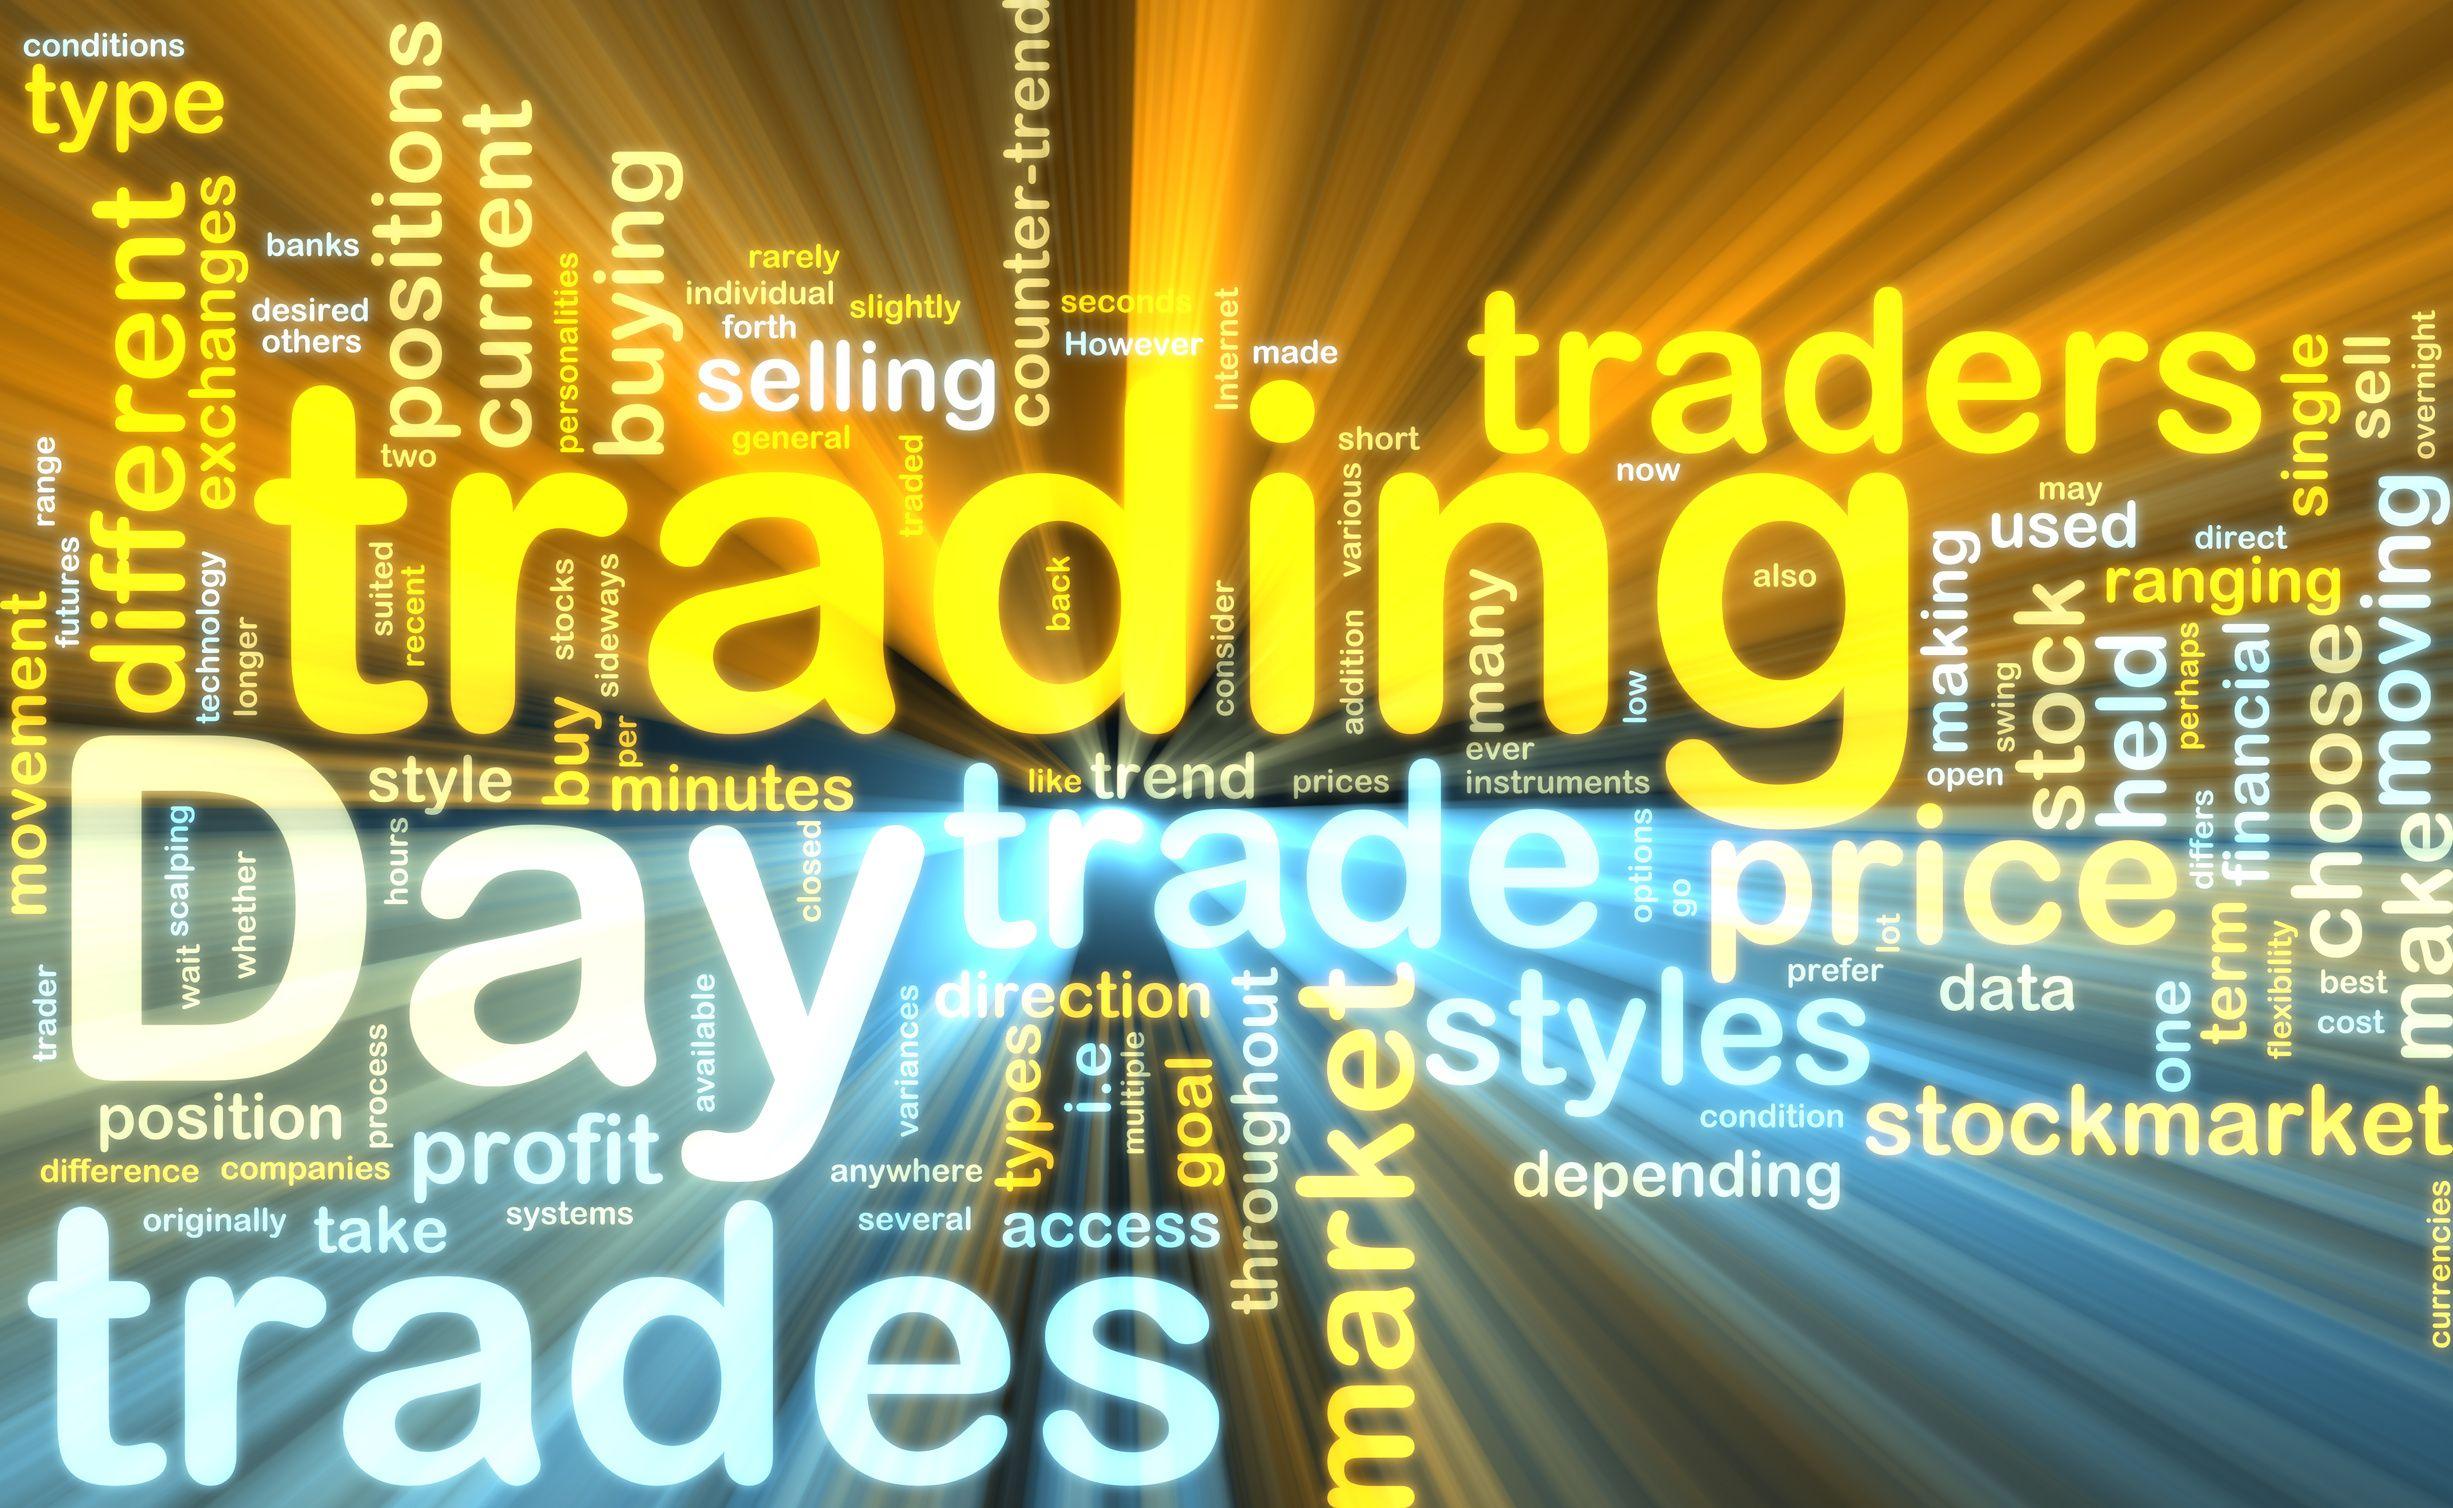 Trading significato, spiegazione in breve con parole chiare